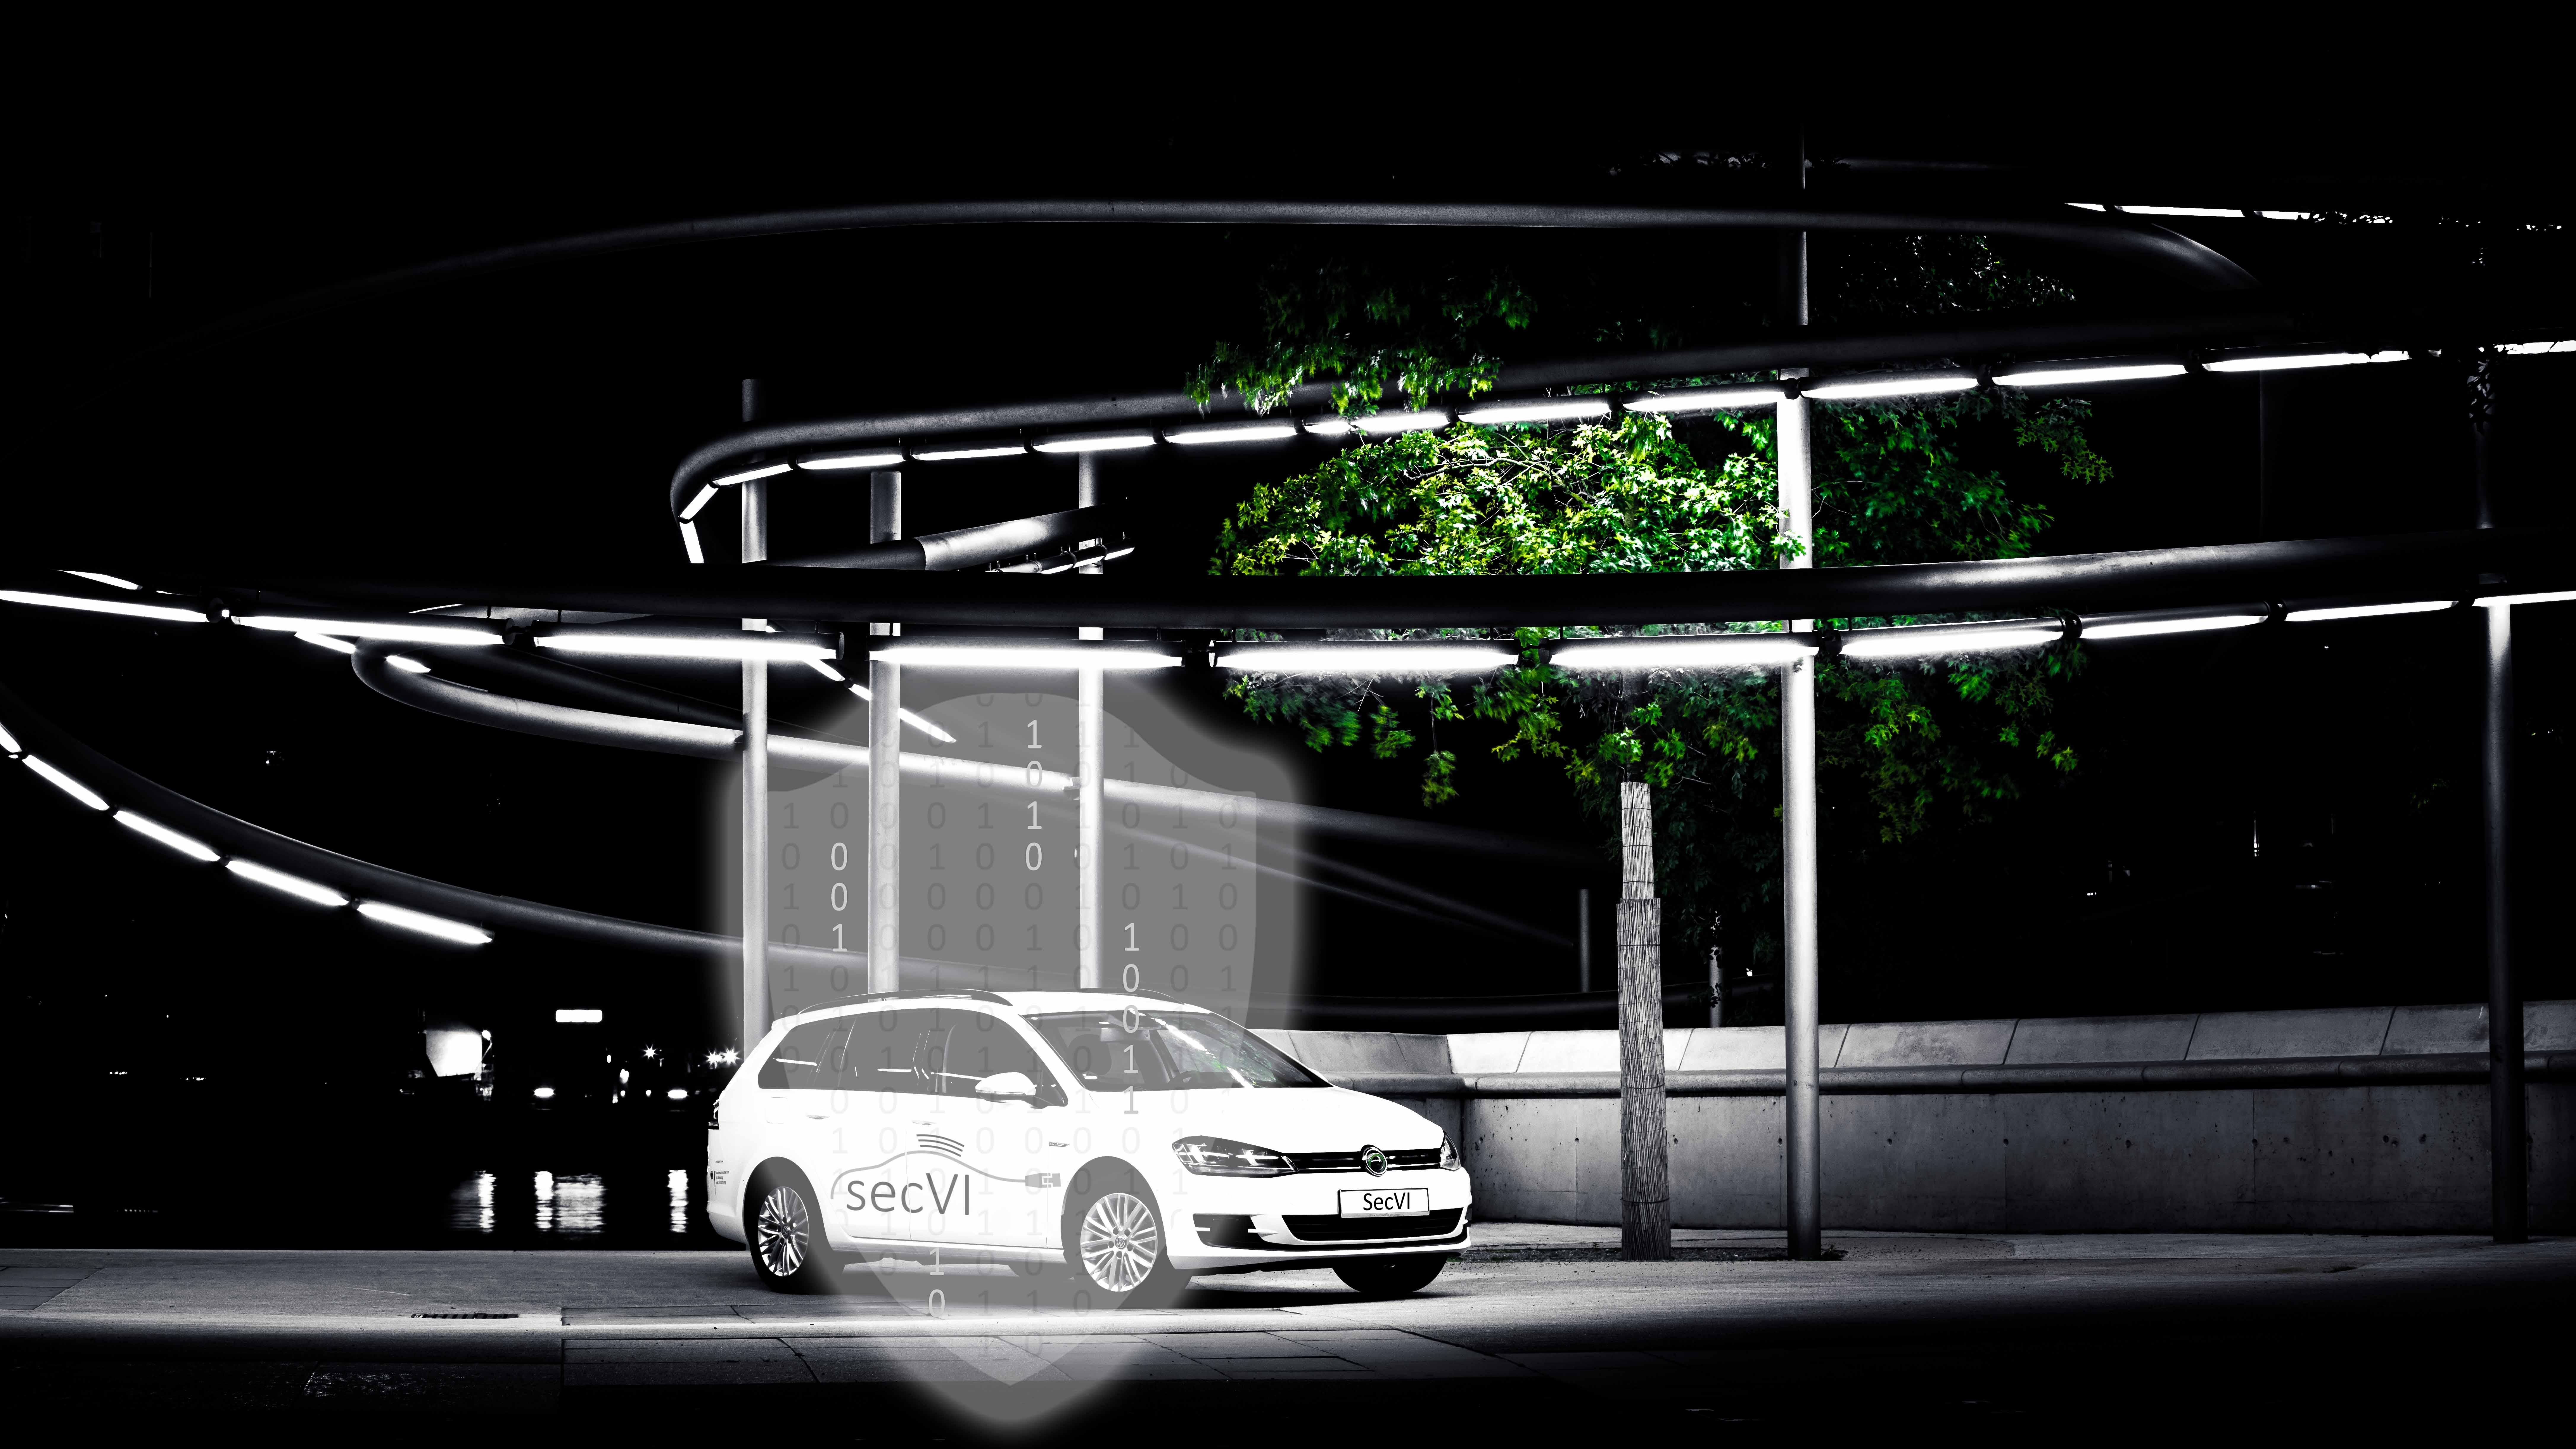 SecVI Car